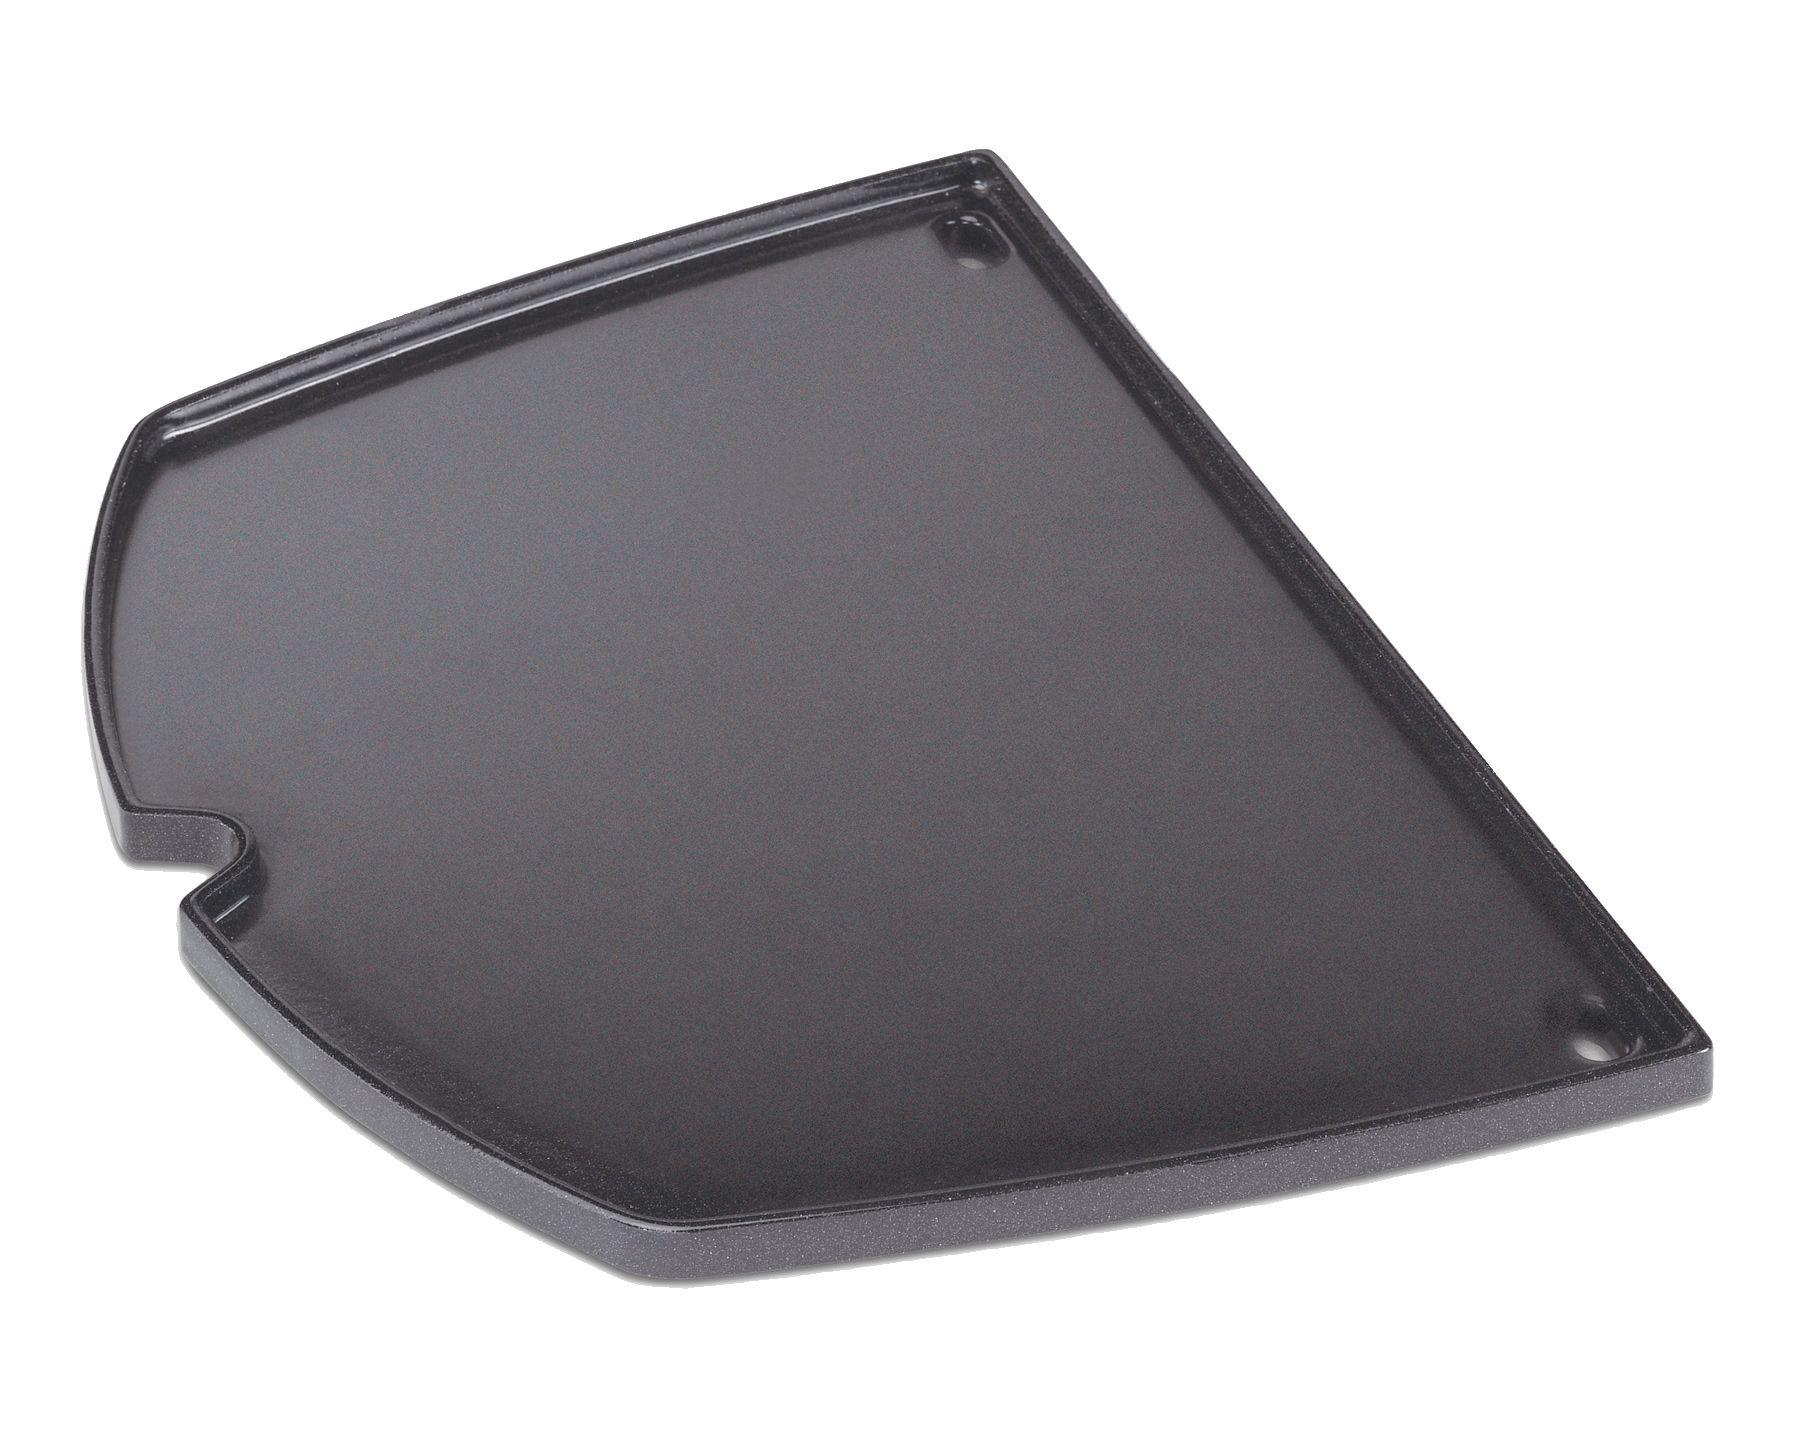 Weber® Grillplatte für Q 1000/1200-Serie